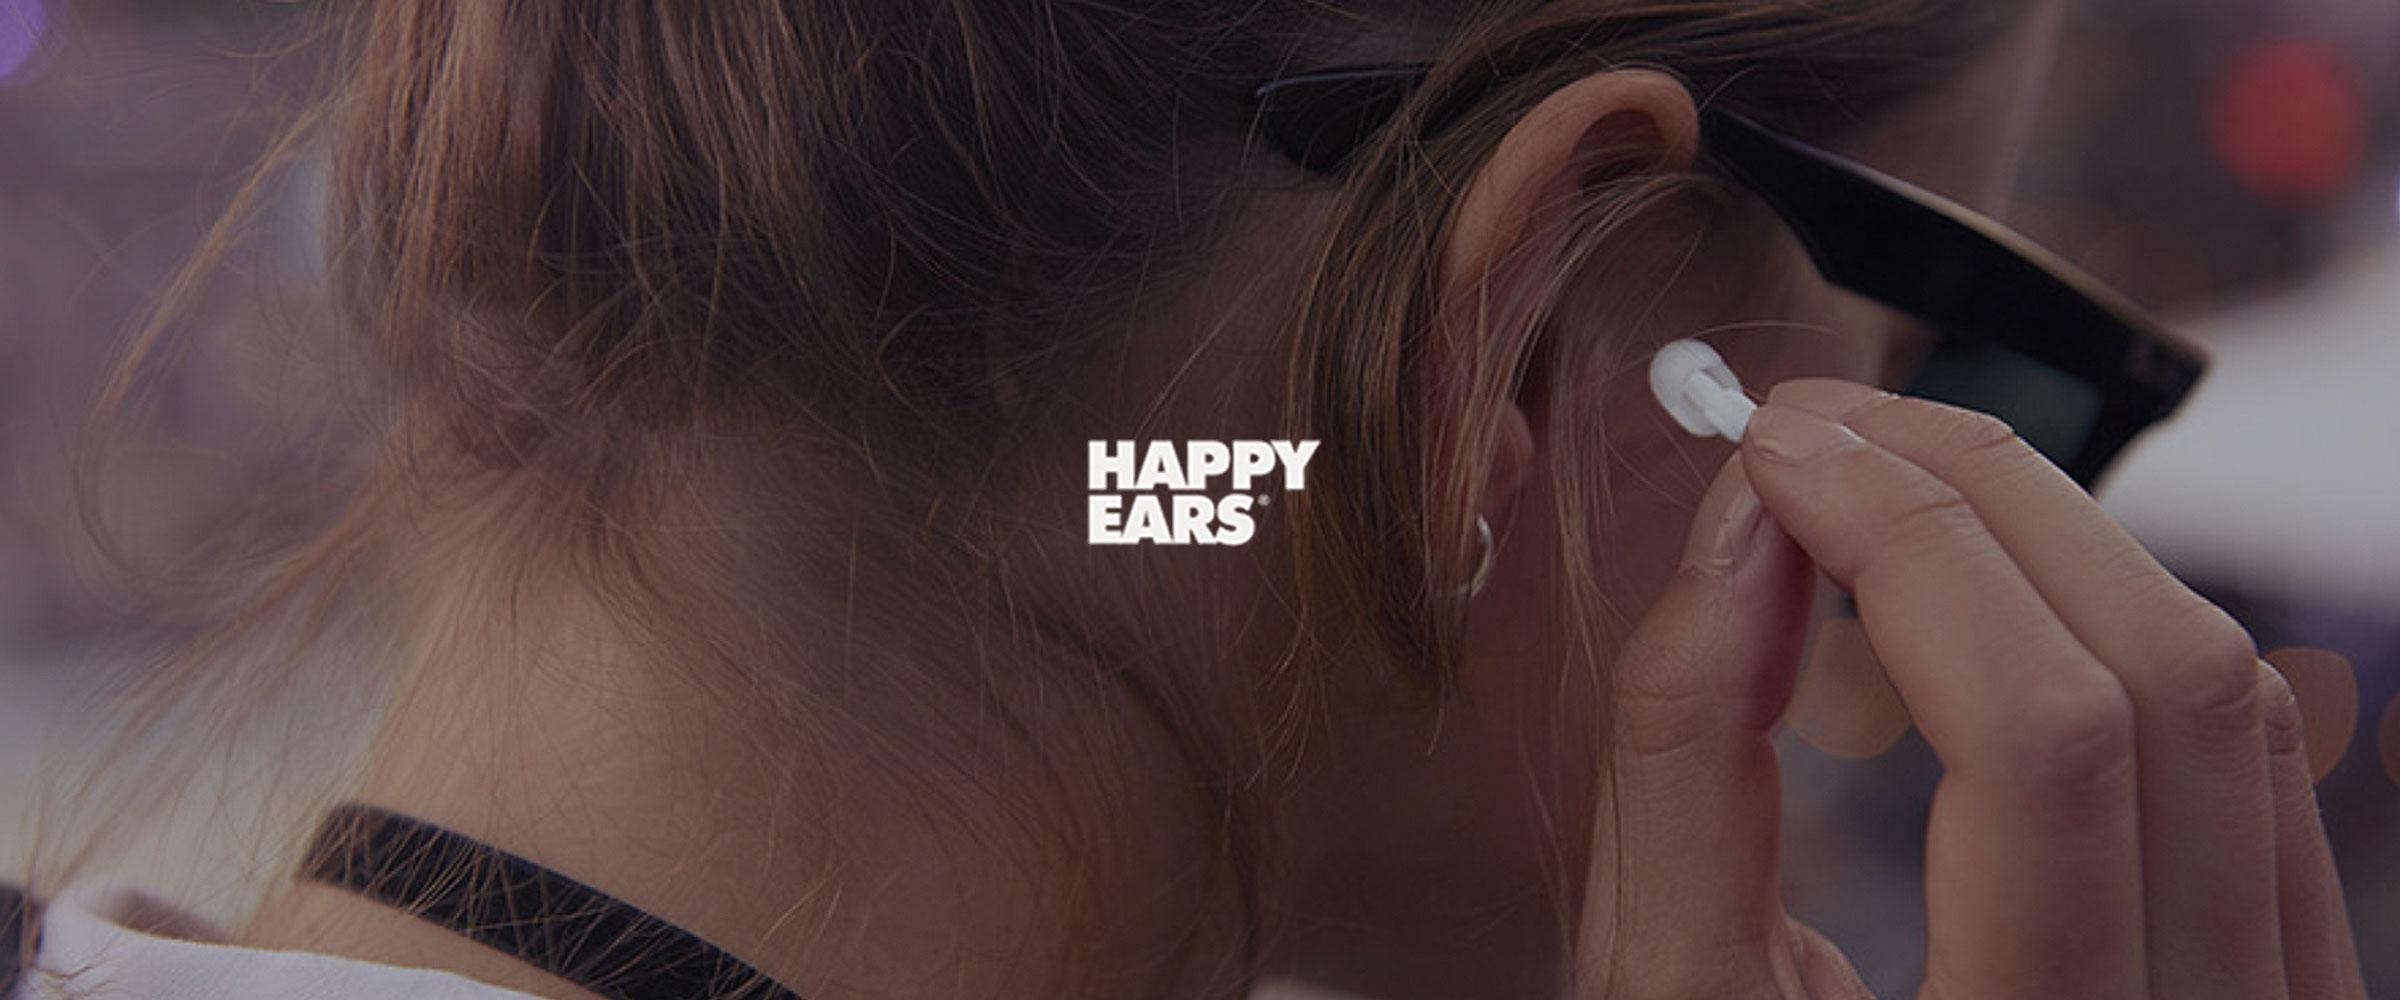 happyears.jpg